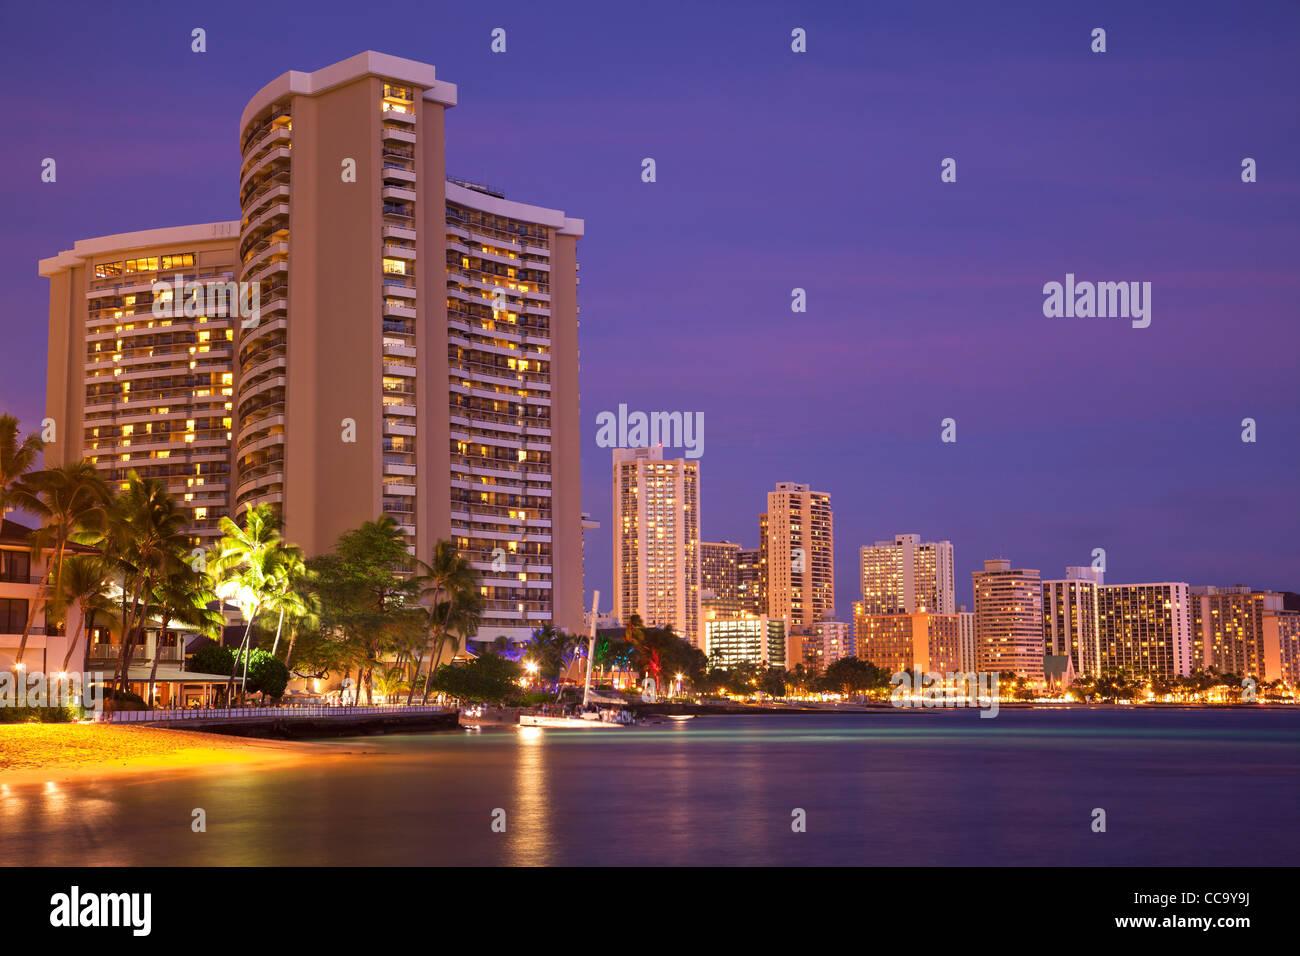 Waikiki, Honolulu, Hawaii. - Stock Image